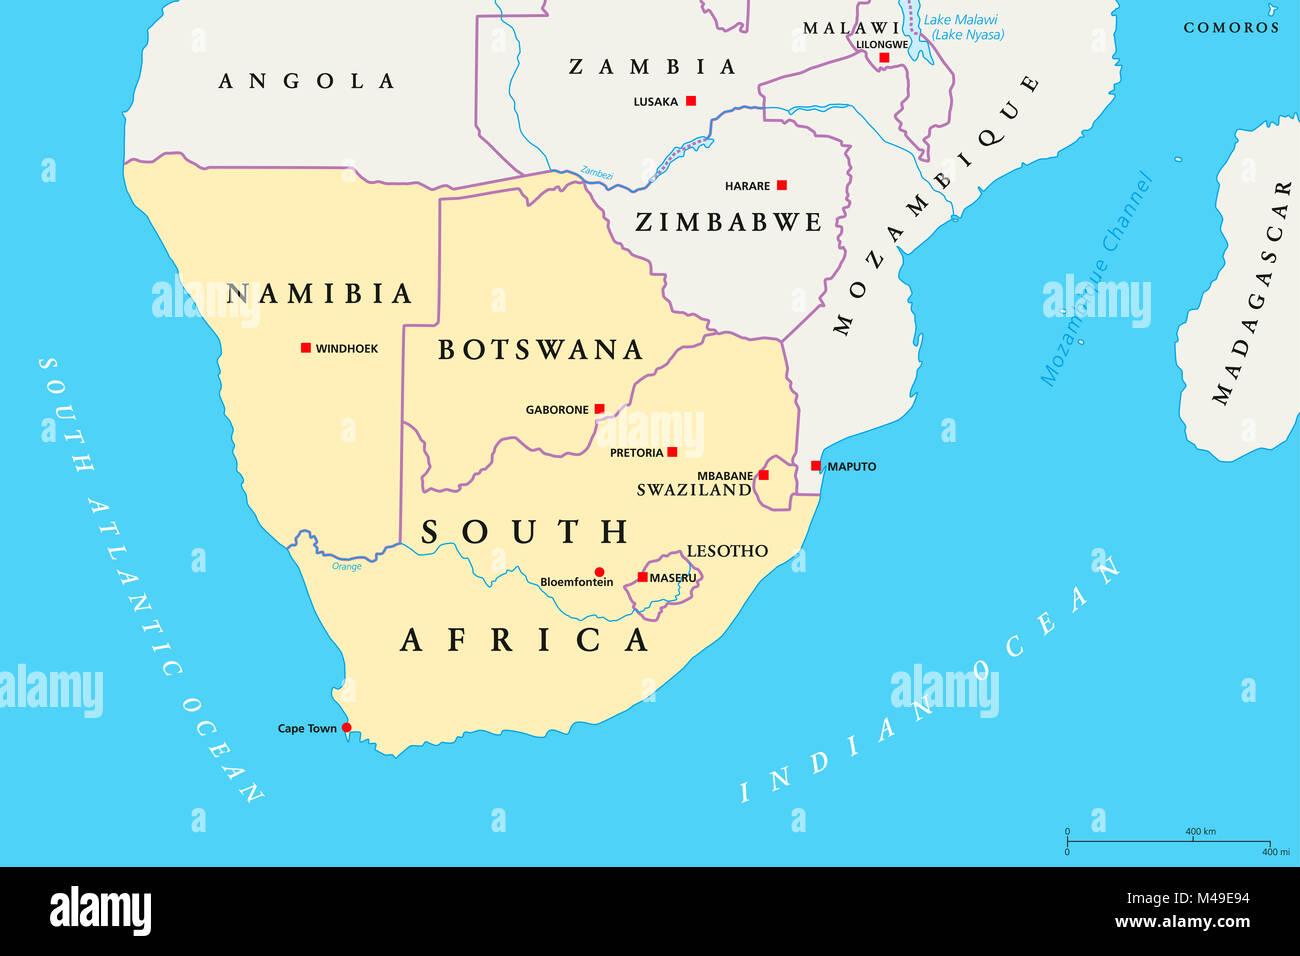 Cartina Africa Del Sud.Africa Australe Mappa Politico La Regione Piu Meridionale Del